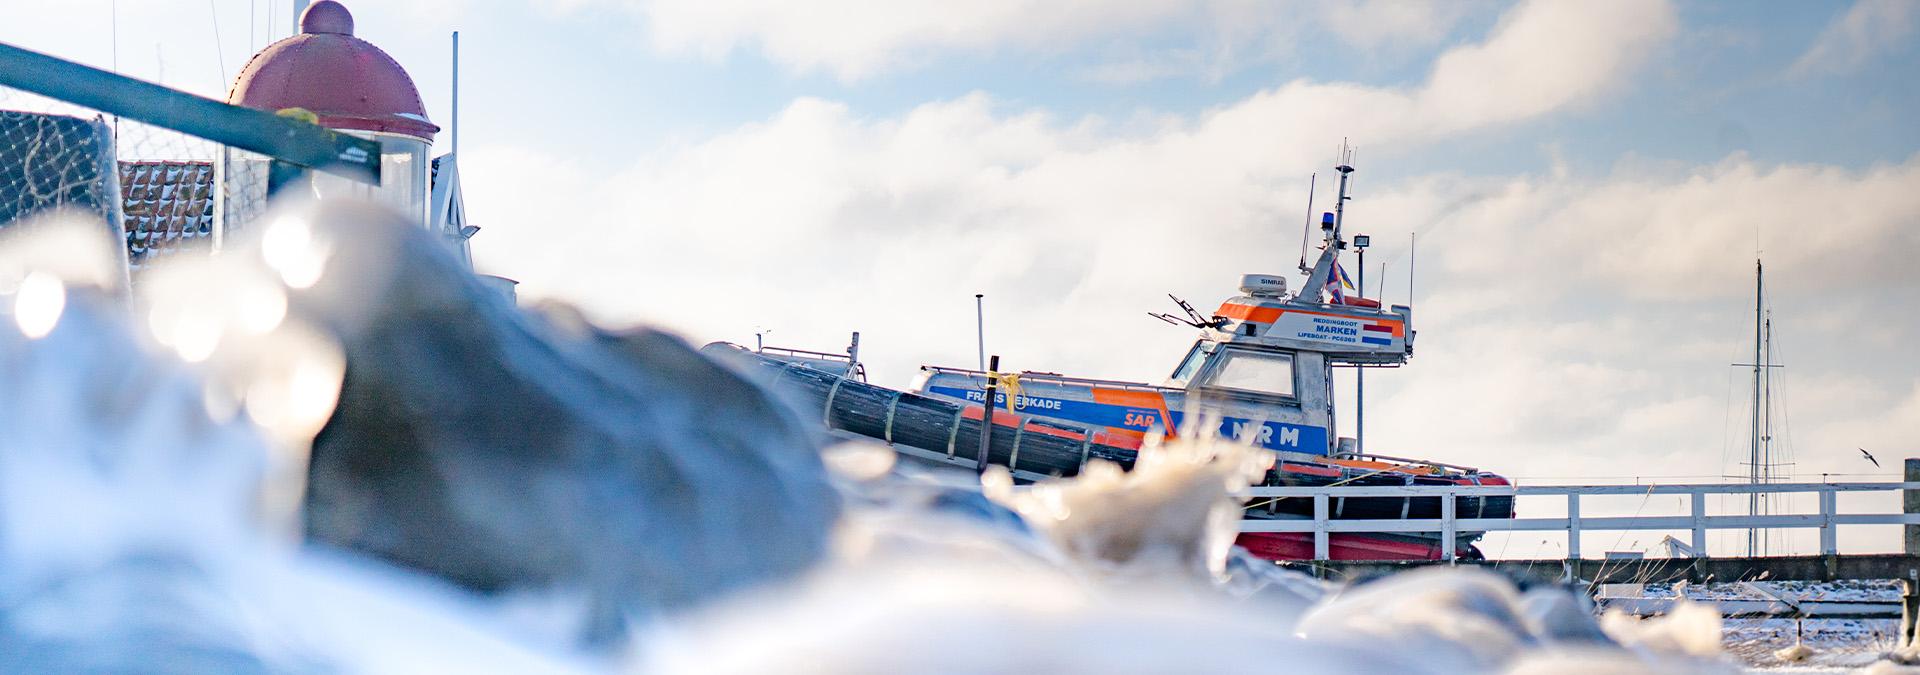 KNRM ijsreddingprocedure gestart: ijsbrekers en ijsteams